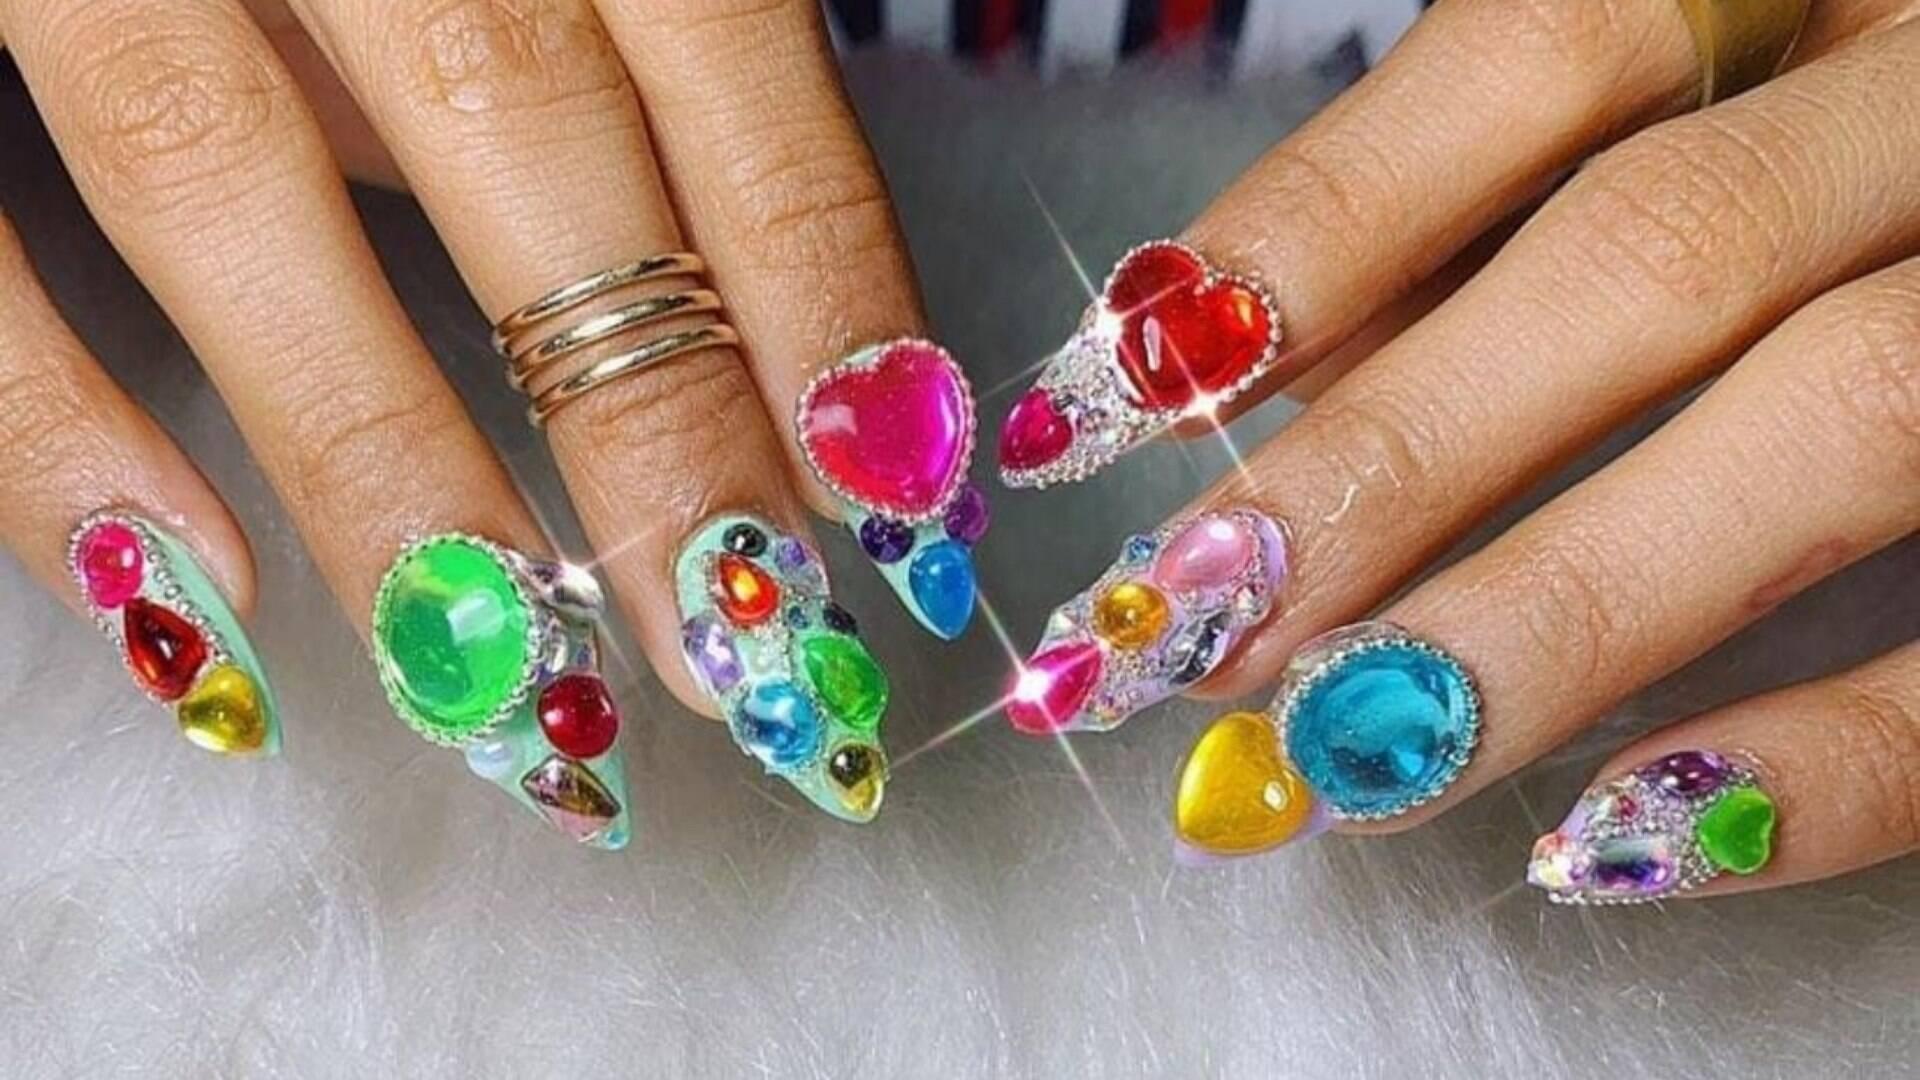 Unhas Decoradas Com Pedras São A Nova Tendência De Nail Art